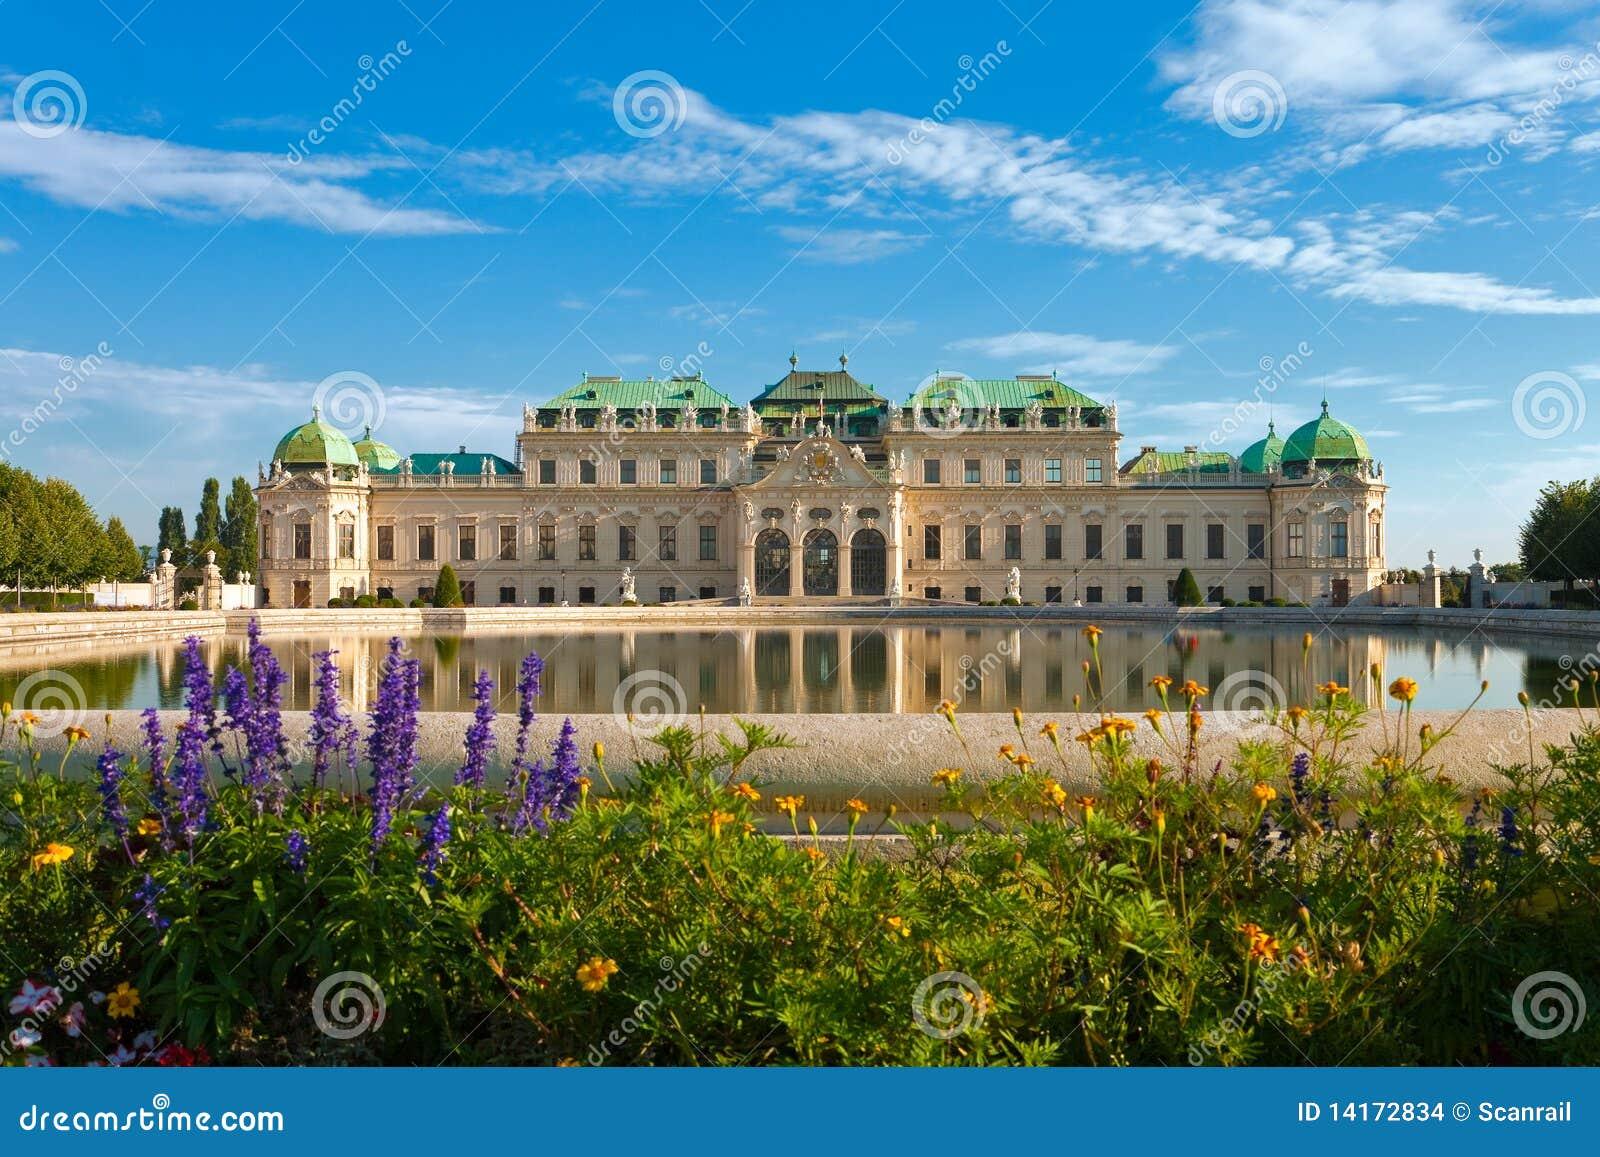 Palacio del belvedere en Viena, Austria